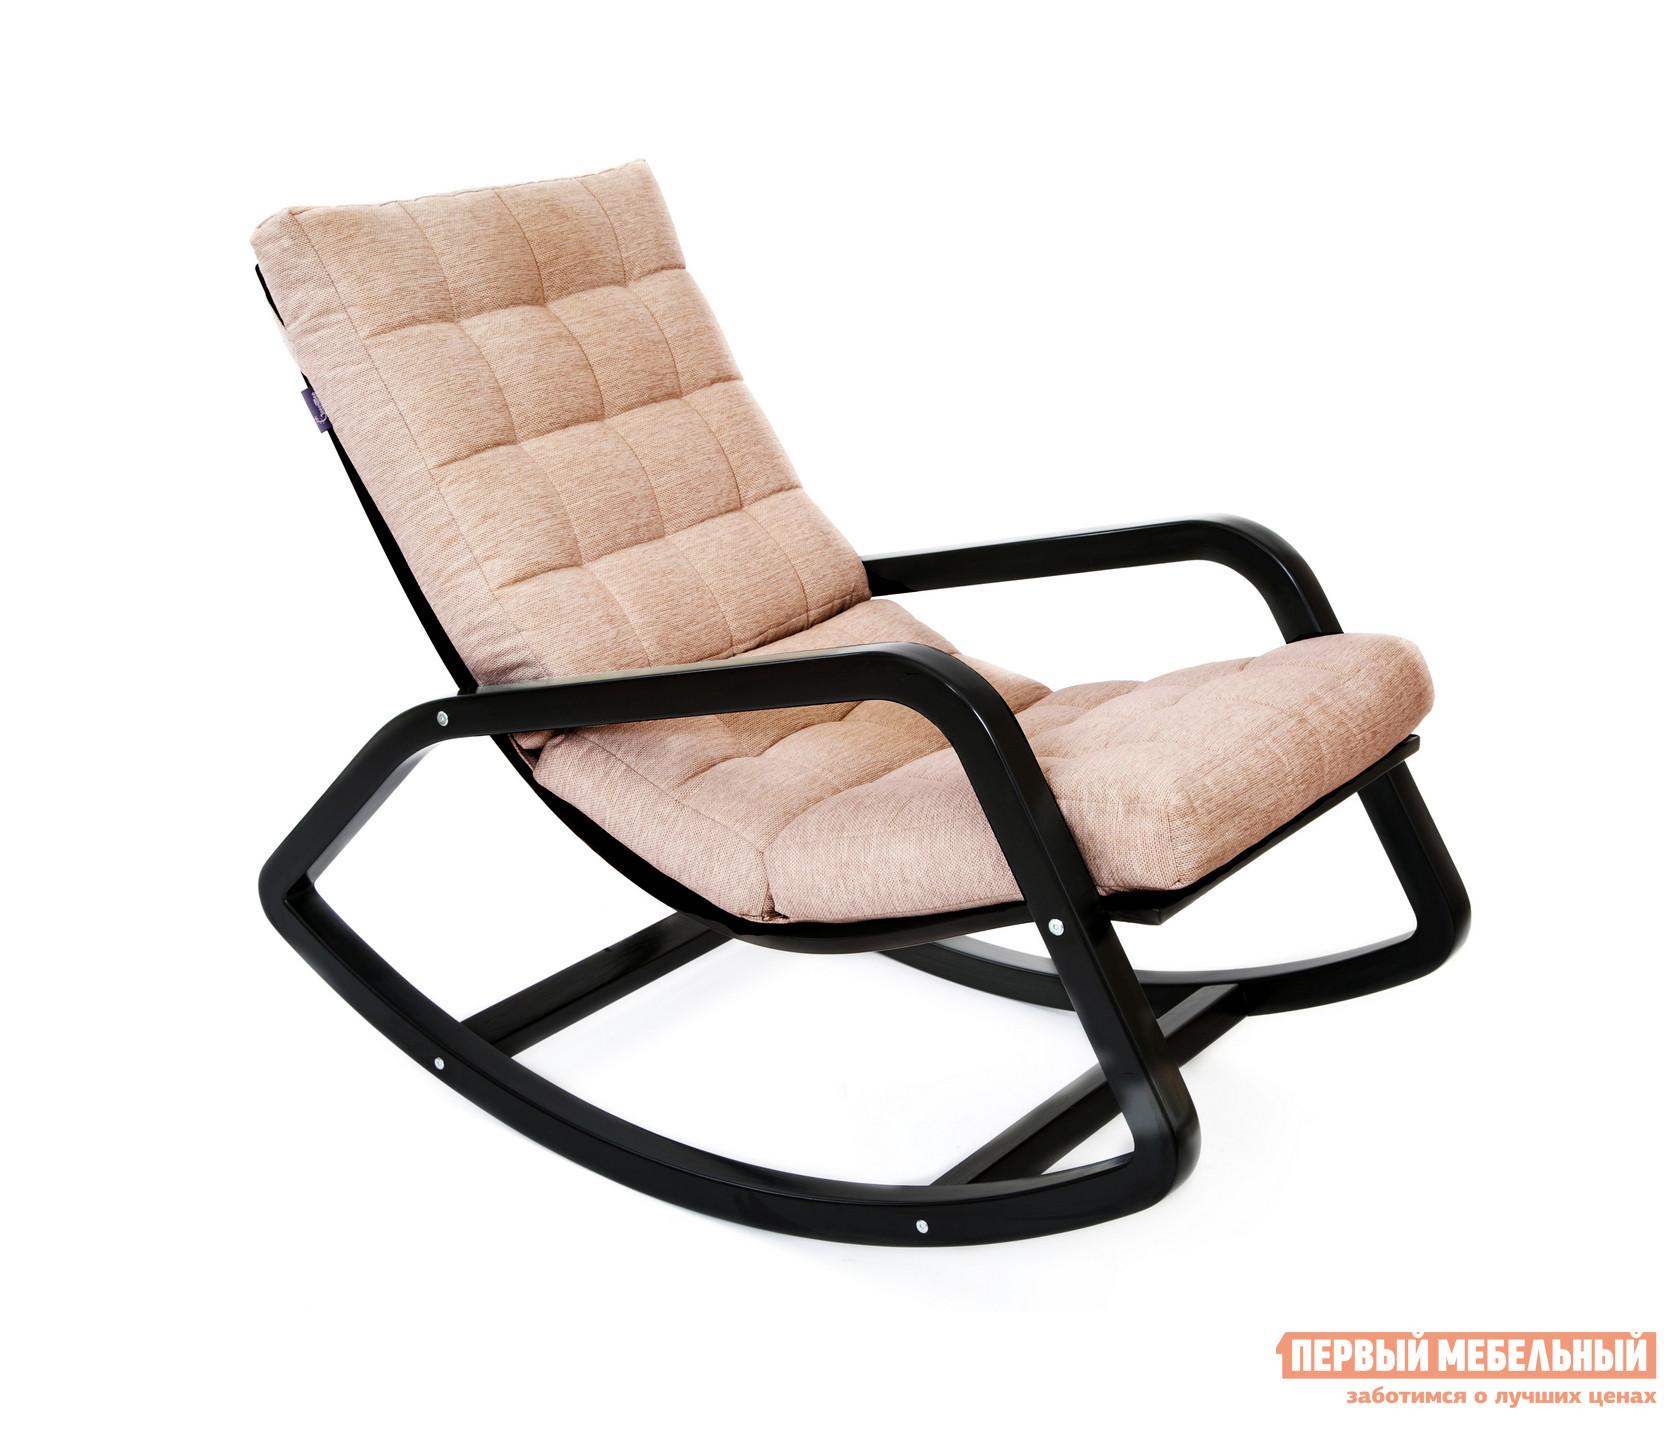 Кресло-качалка Грин Три Кресло Онтарио Бежевый, Рогожка Миндаль